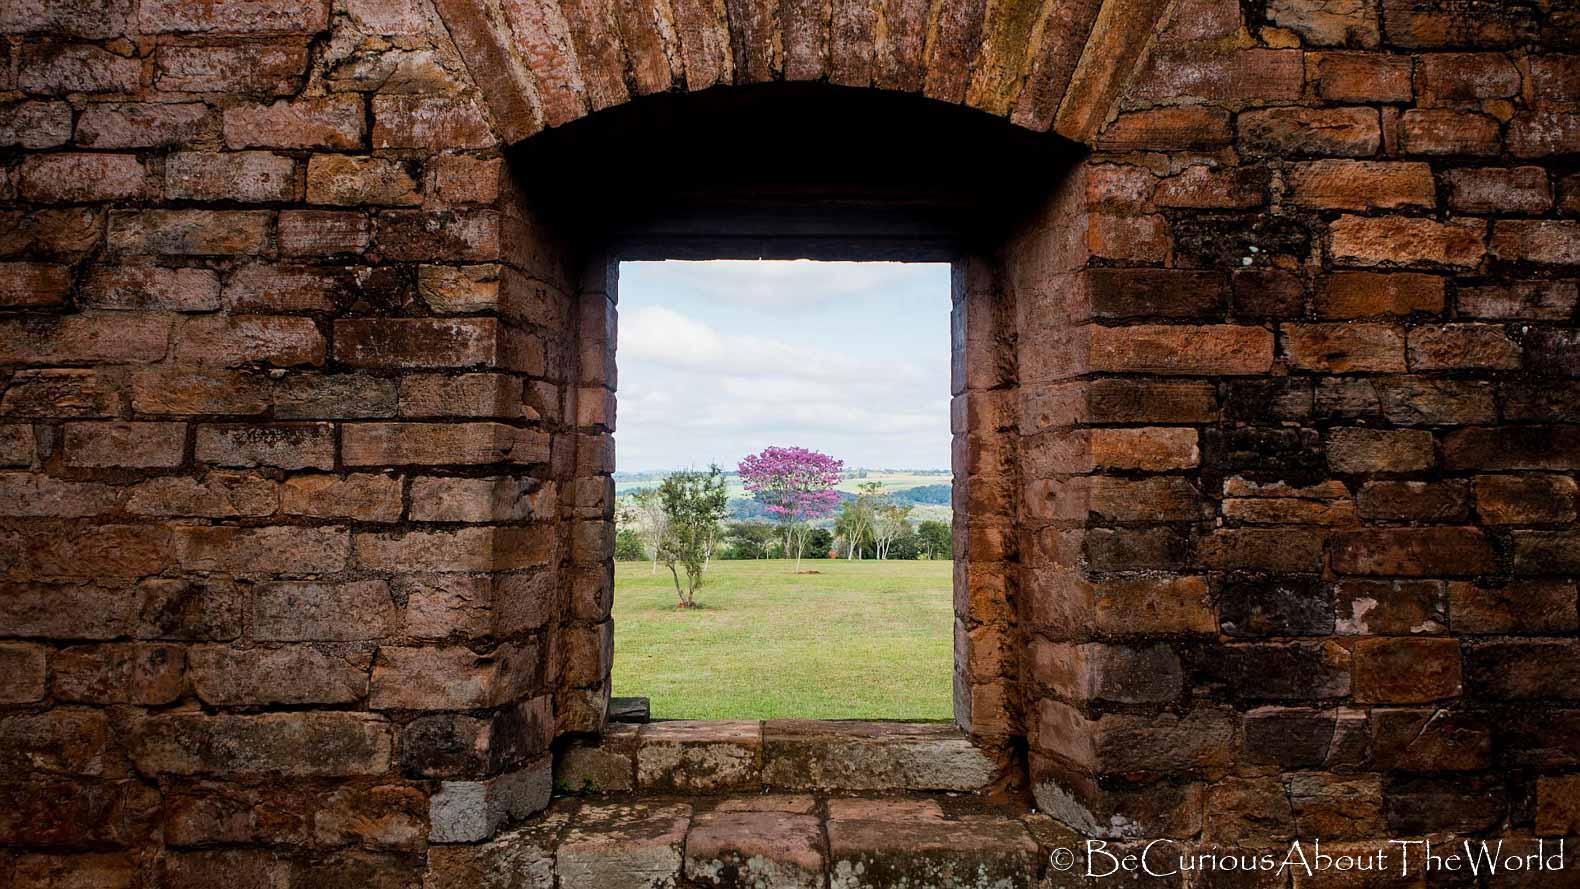 BeCuriousAboutTheWorld - Paragwaj